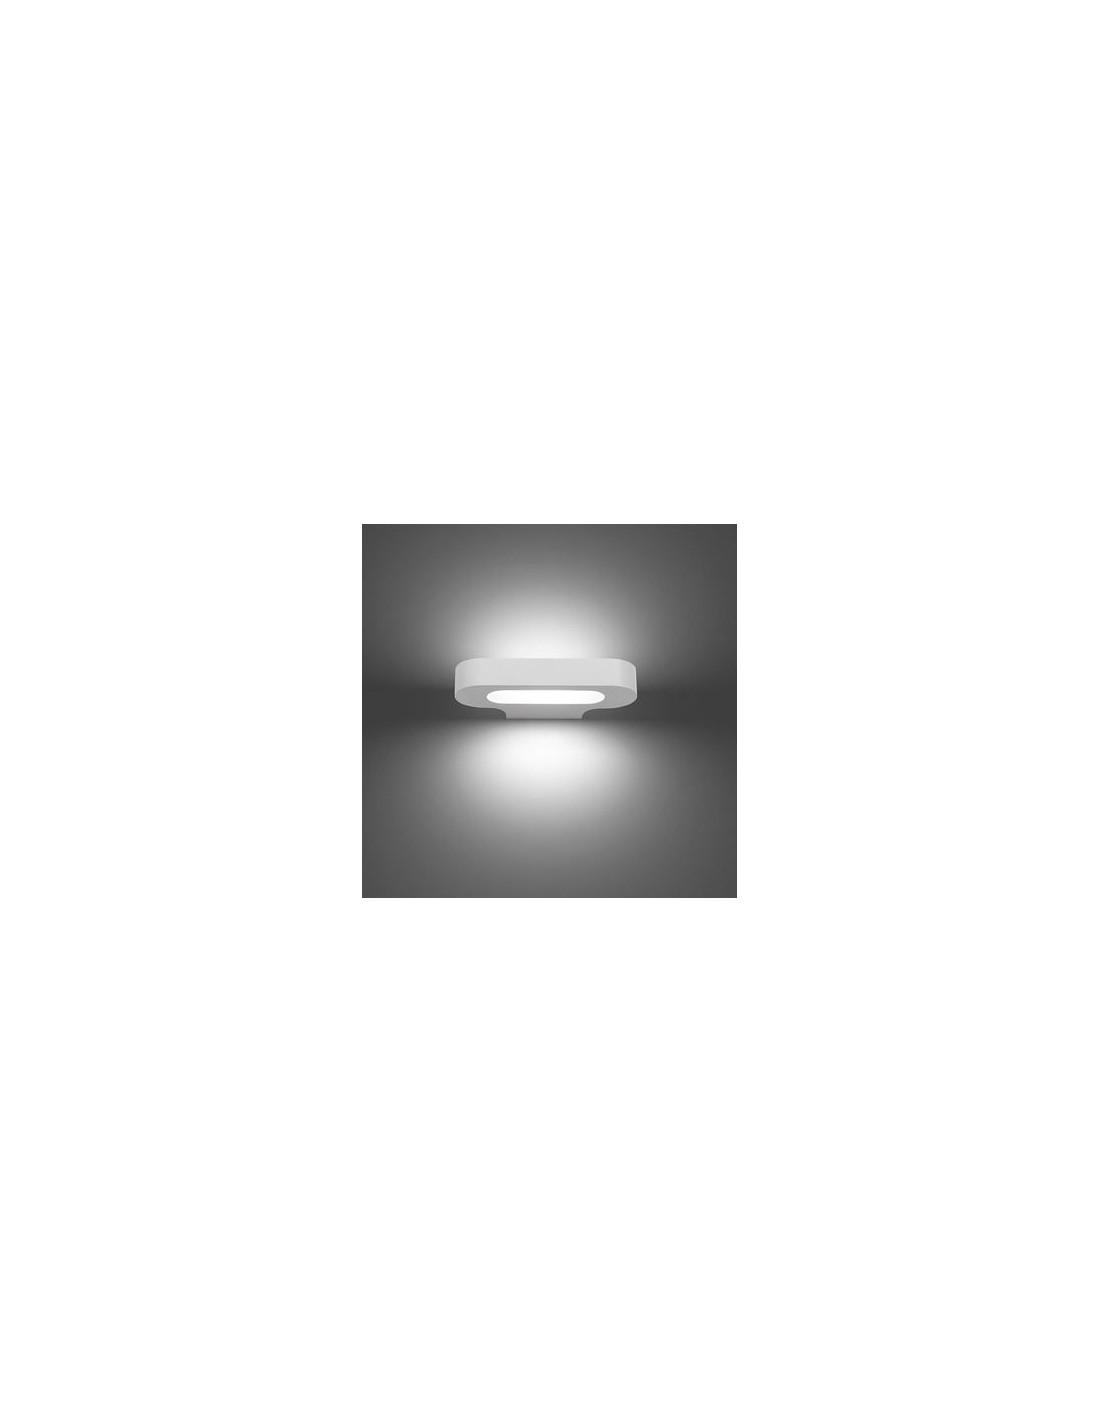 Applique Talo blanc allumée Artemide - Valente Design